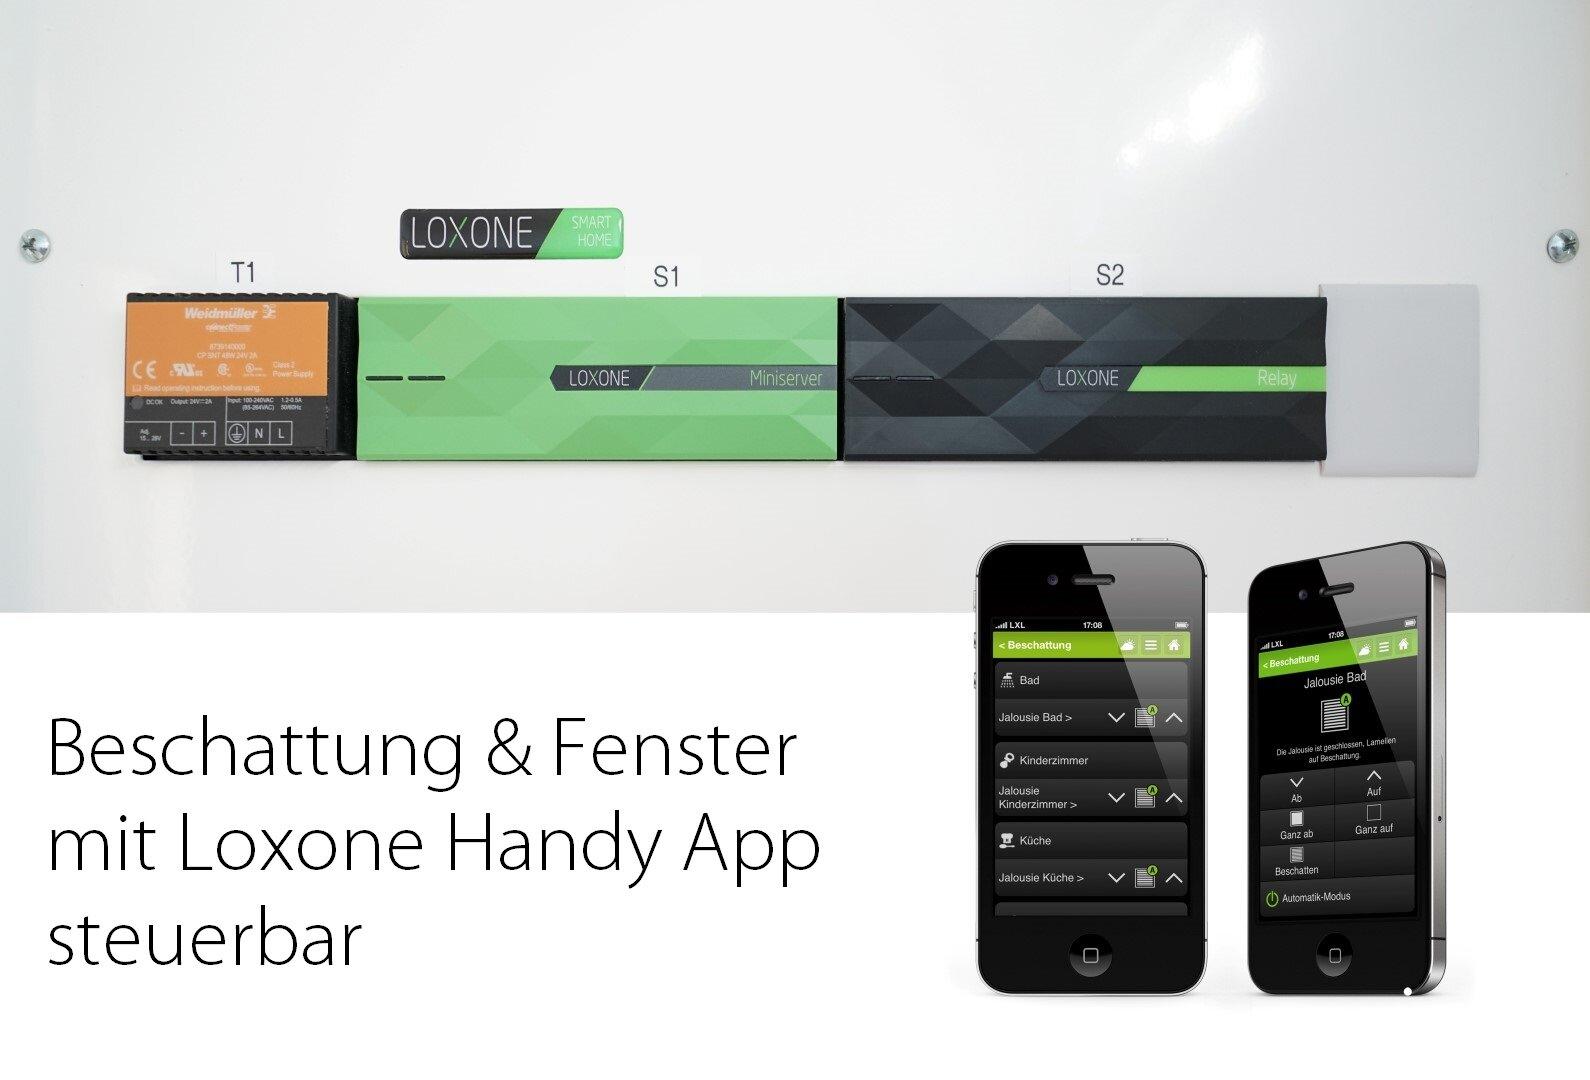 Beschattung & Fenster per Handy App steuern